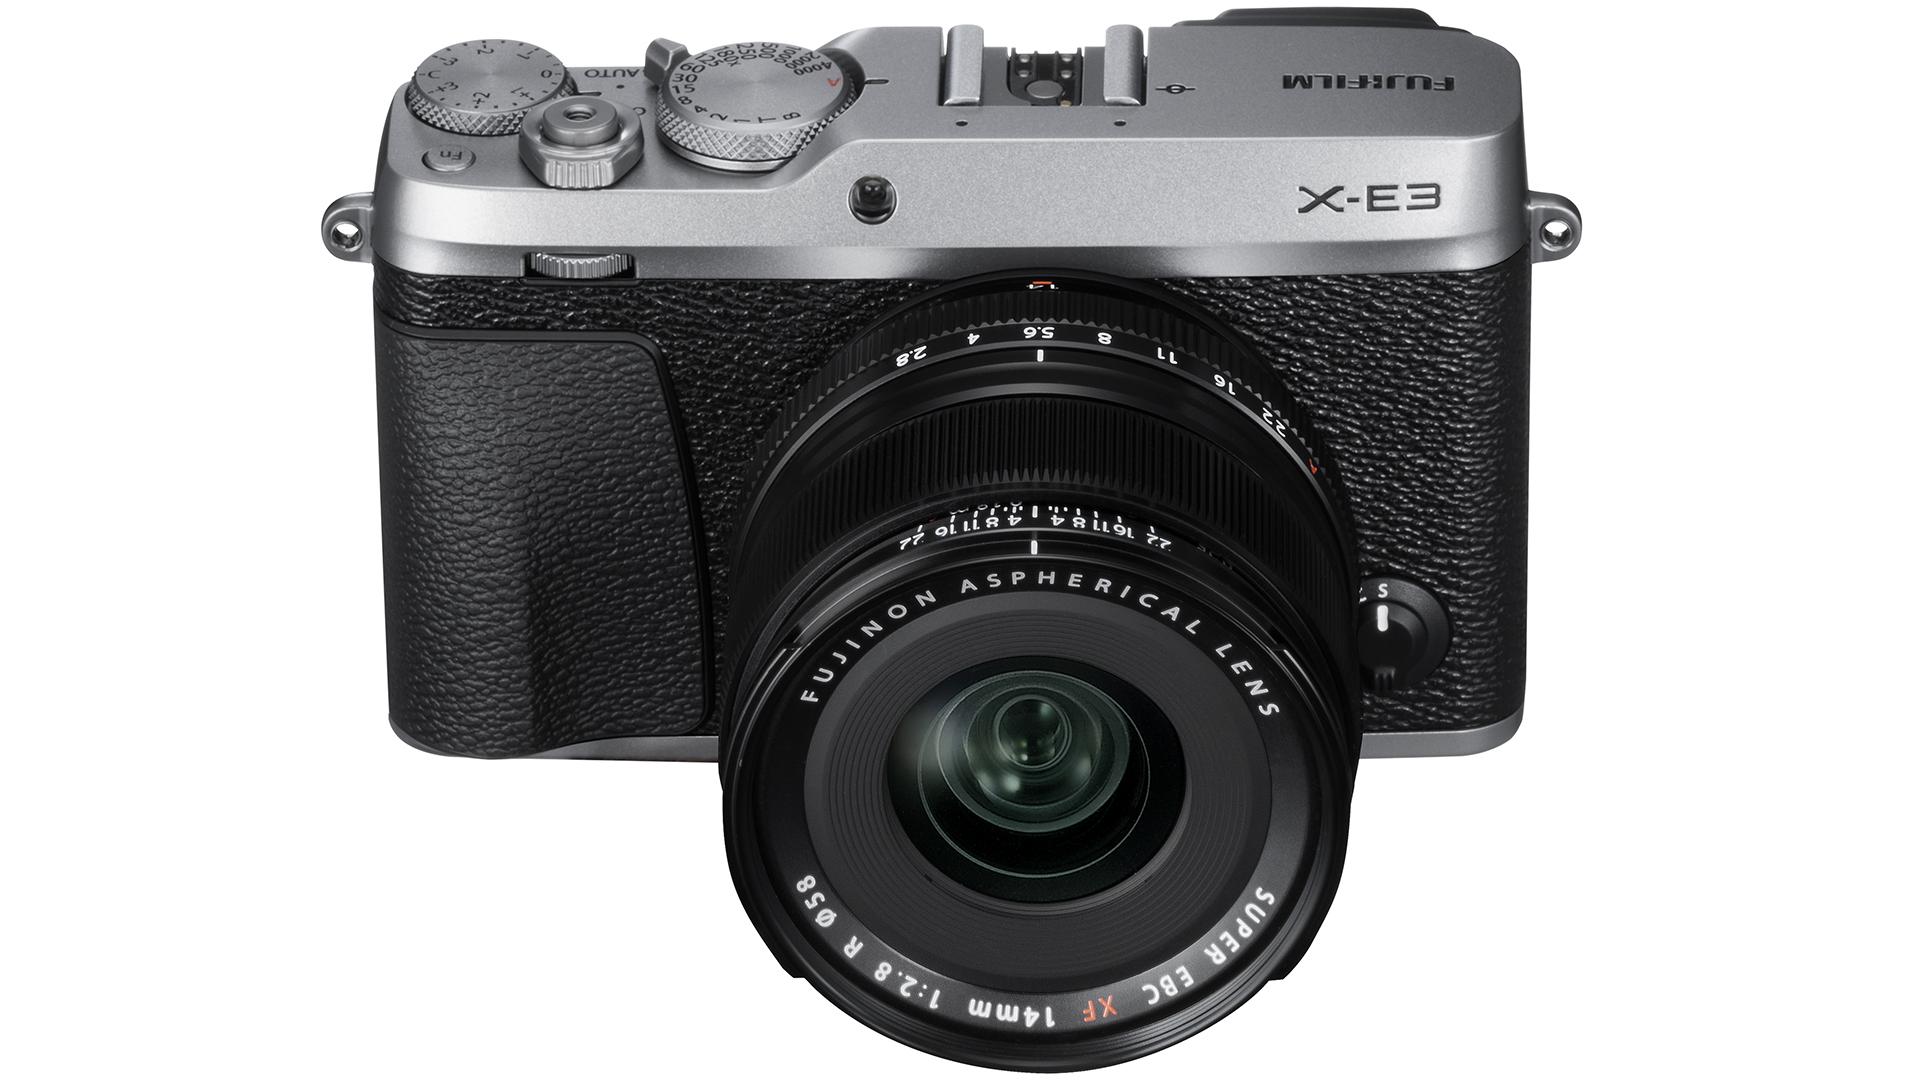 Fujifilm X-E3 tuleb puuteekraaniga ning 4K videosalvestusega